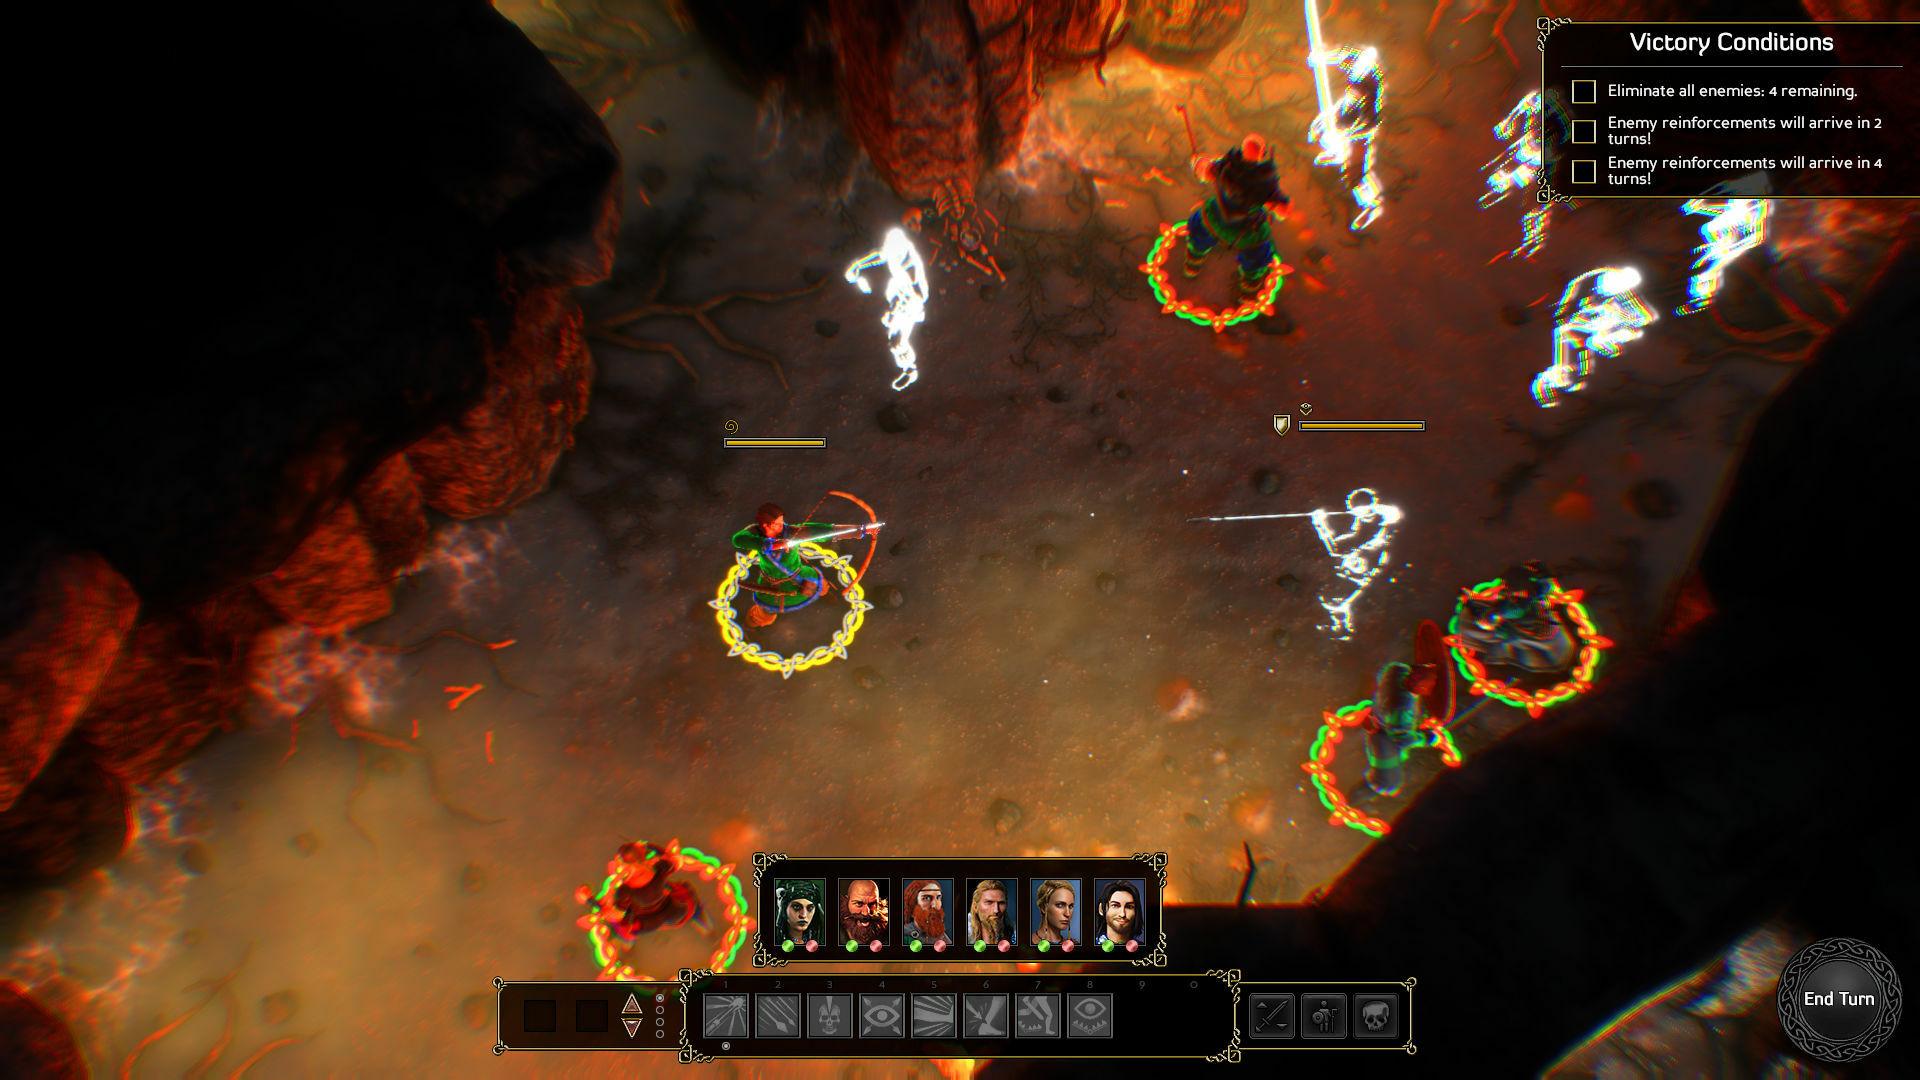 expeditions-viking-pc-screenshot-4